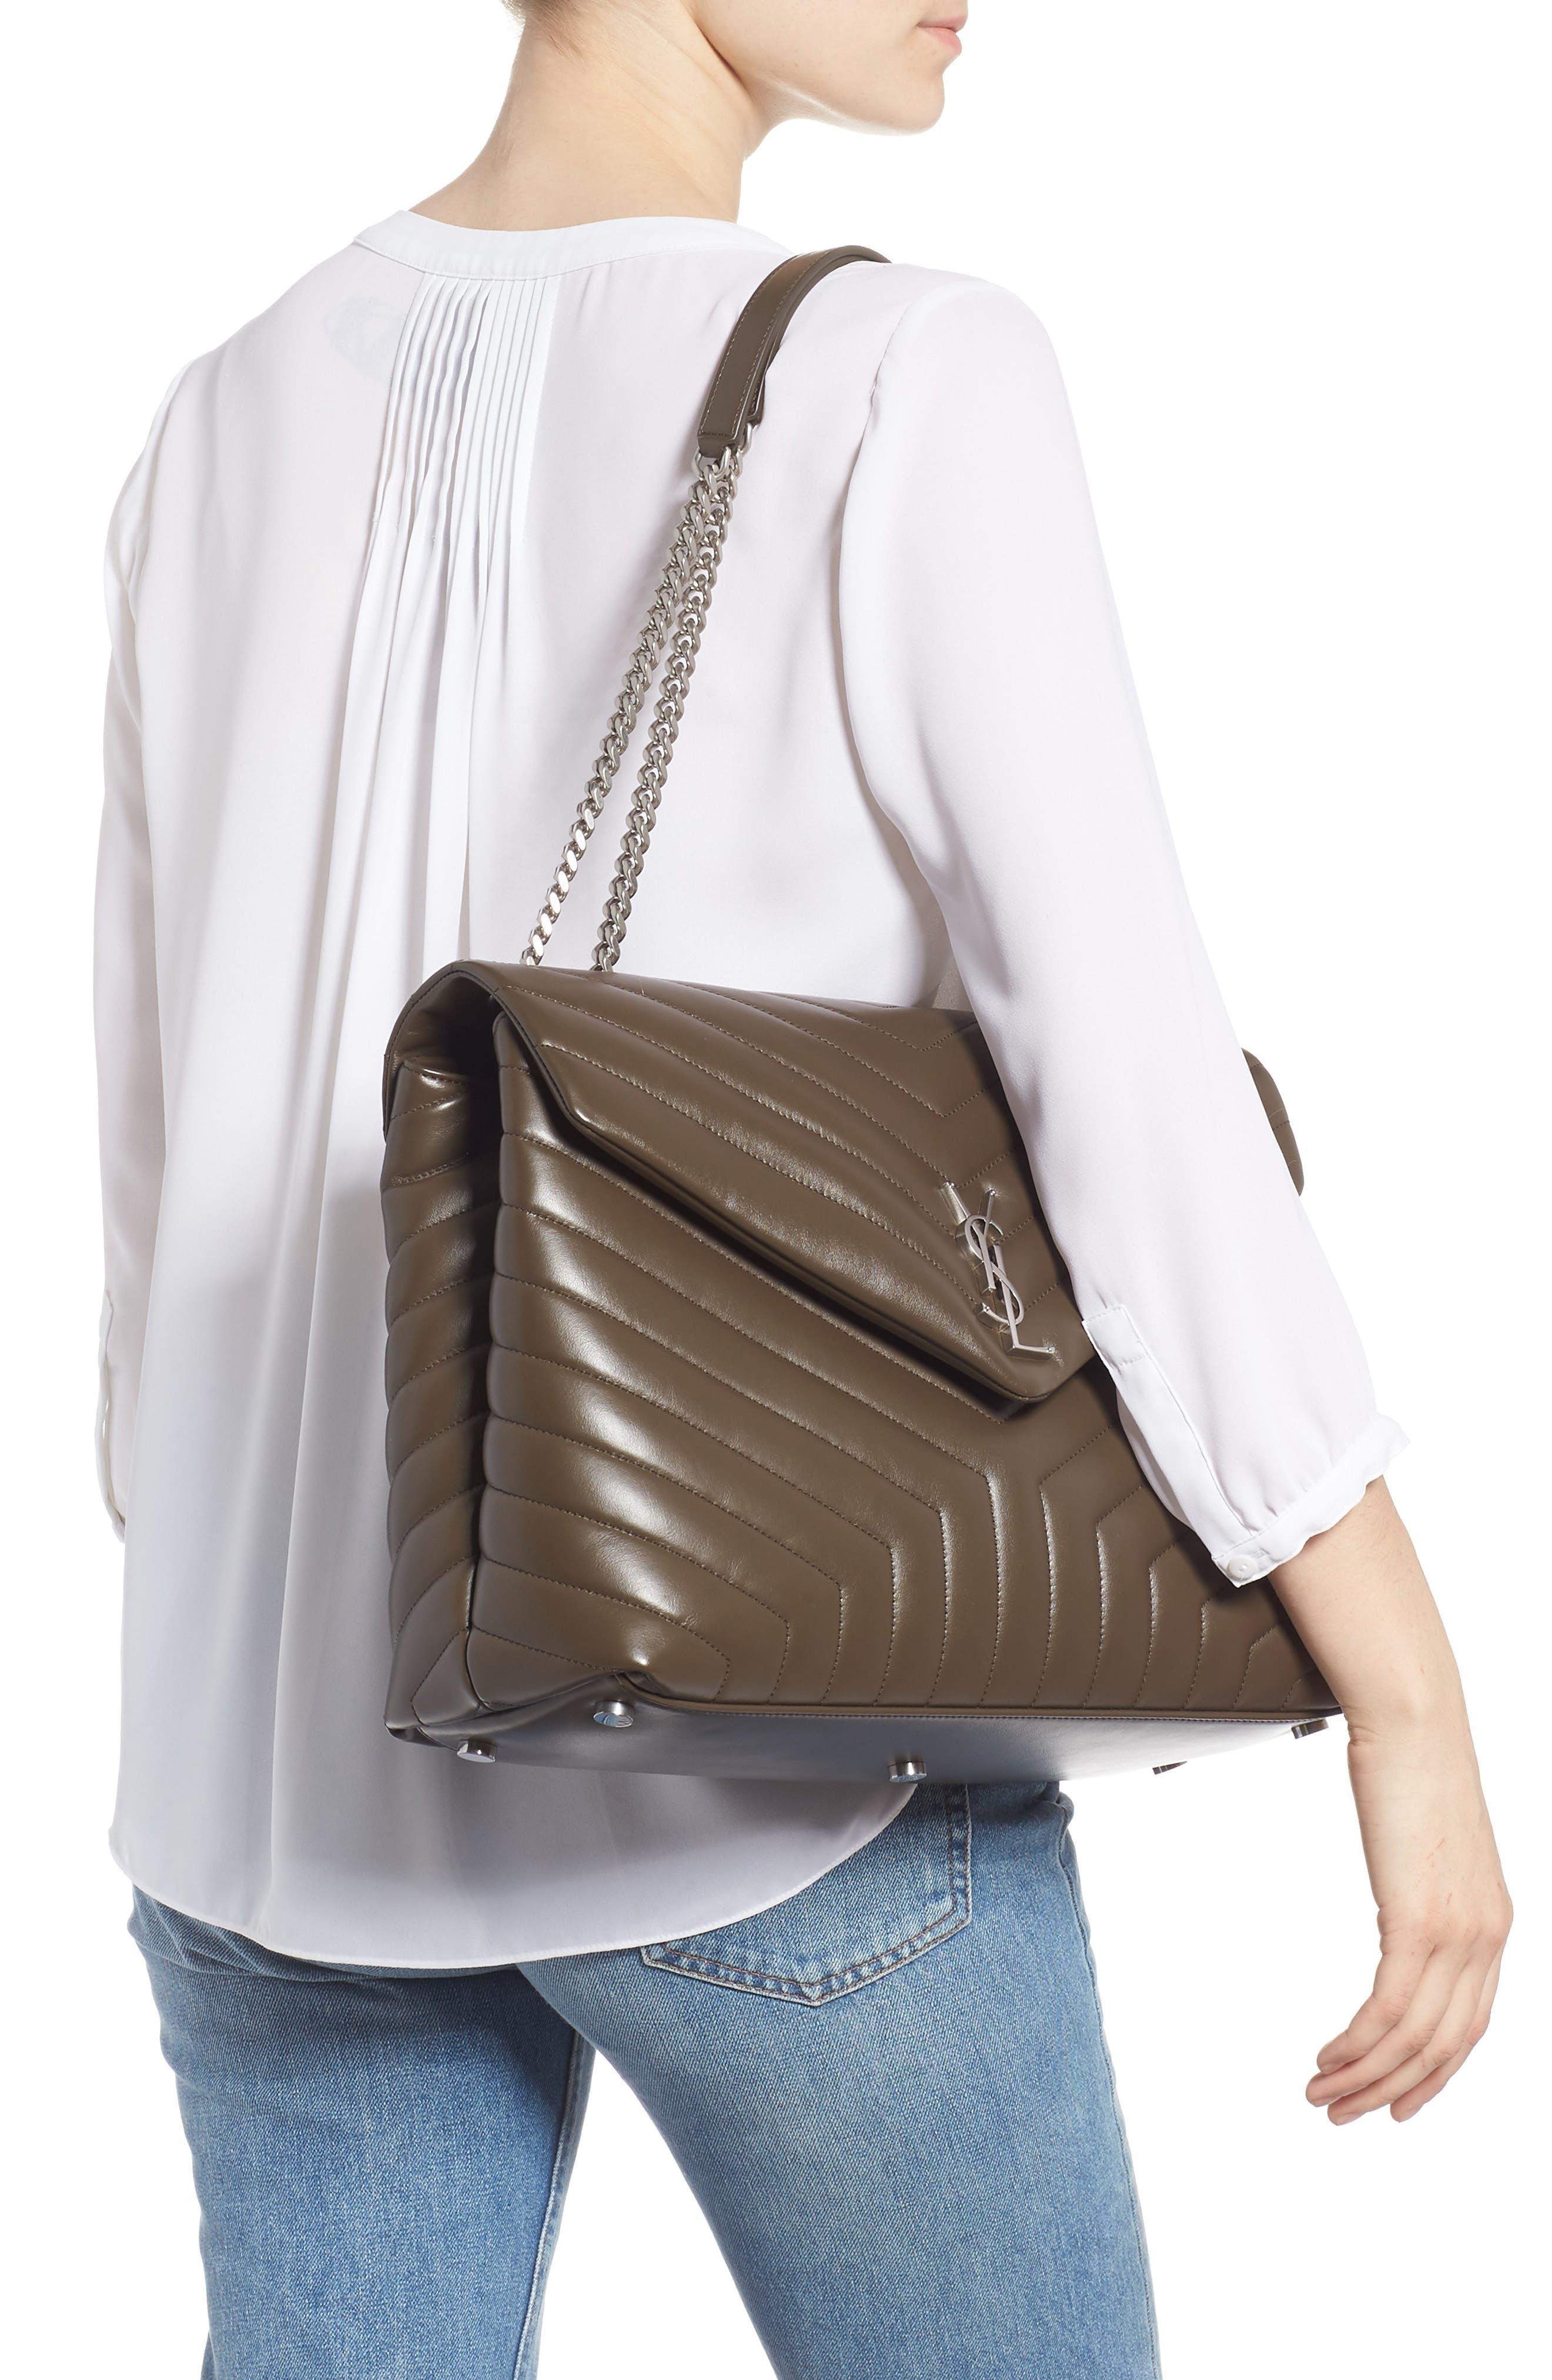 SAINT LAURENT, Large Loulou Matelassé Leather Shoulder Bag, Alternate thumbnail 2, color, FAGGIO/ FAGGIO